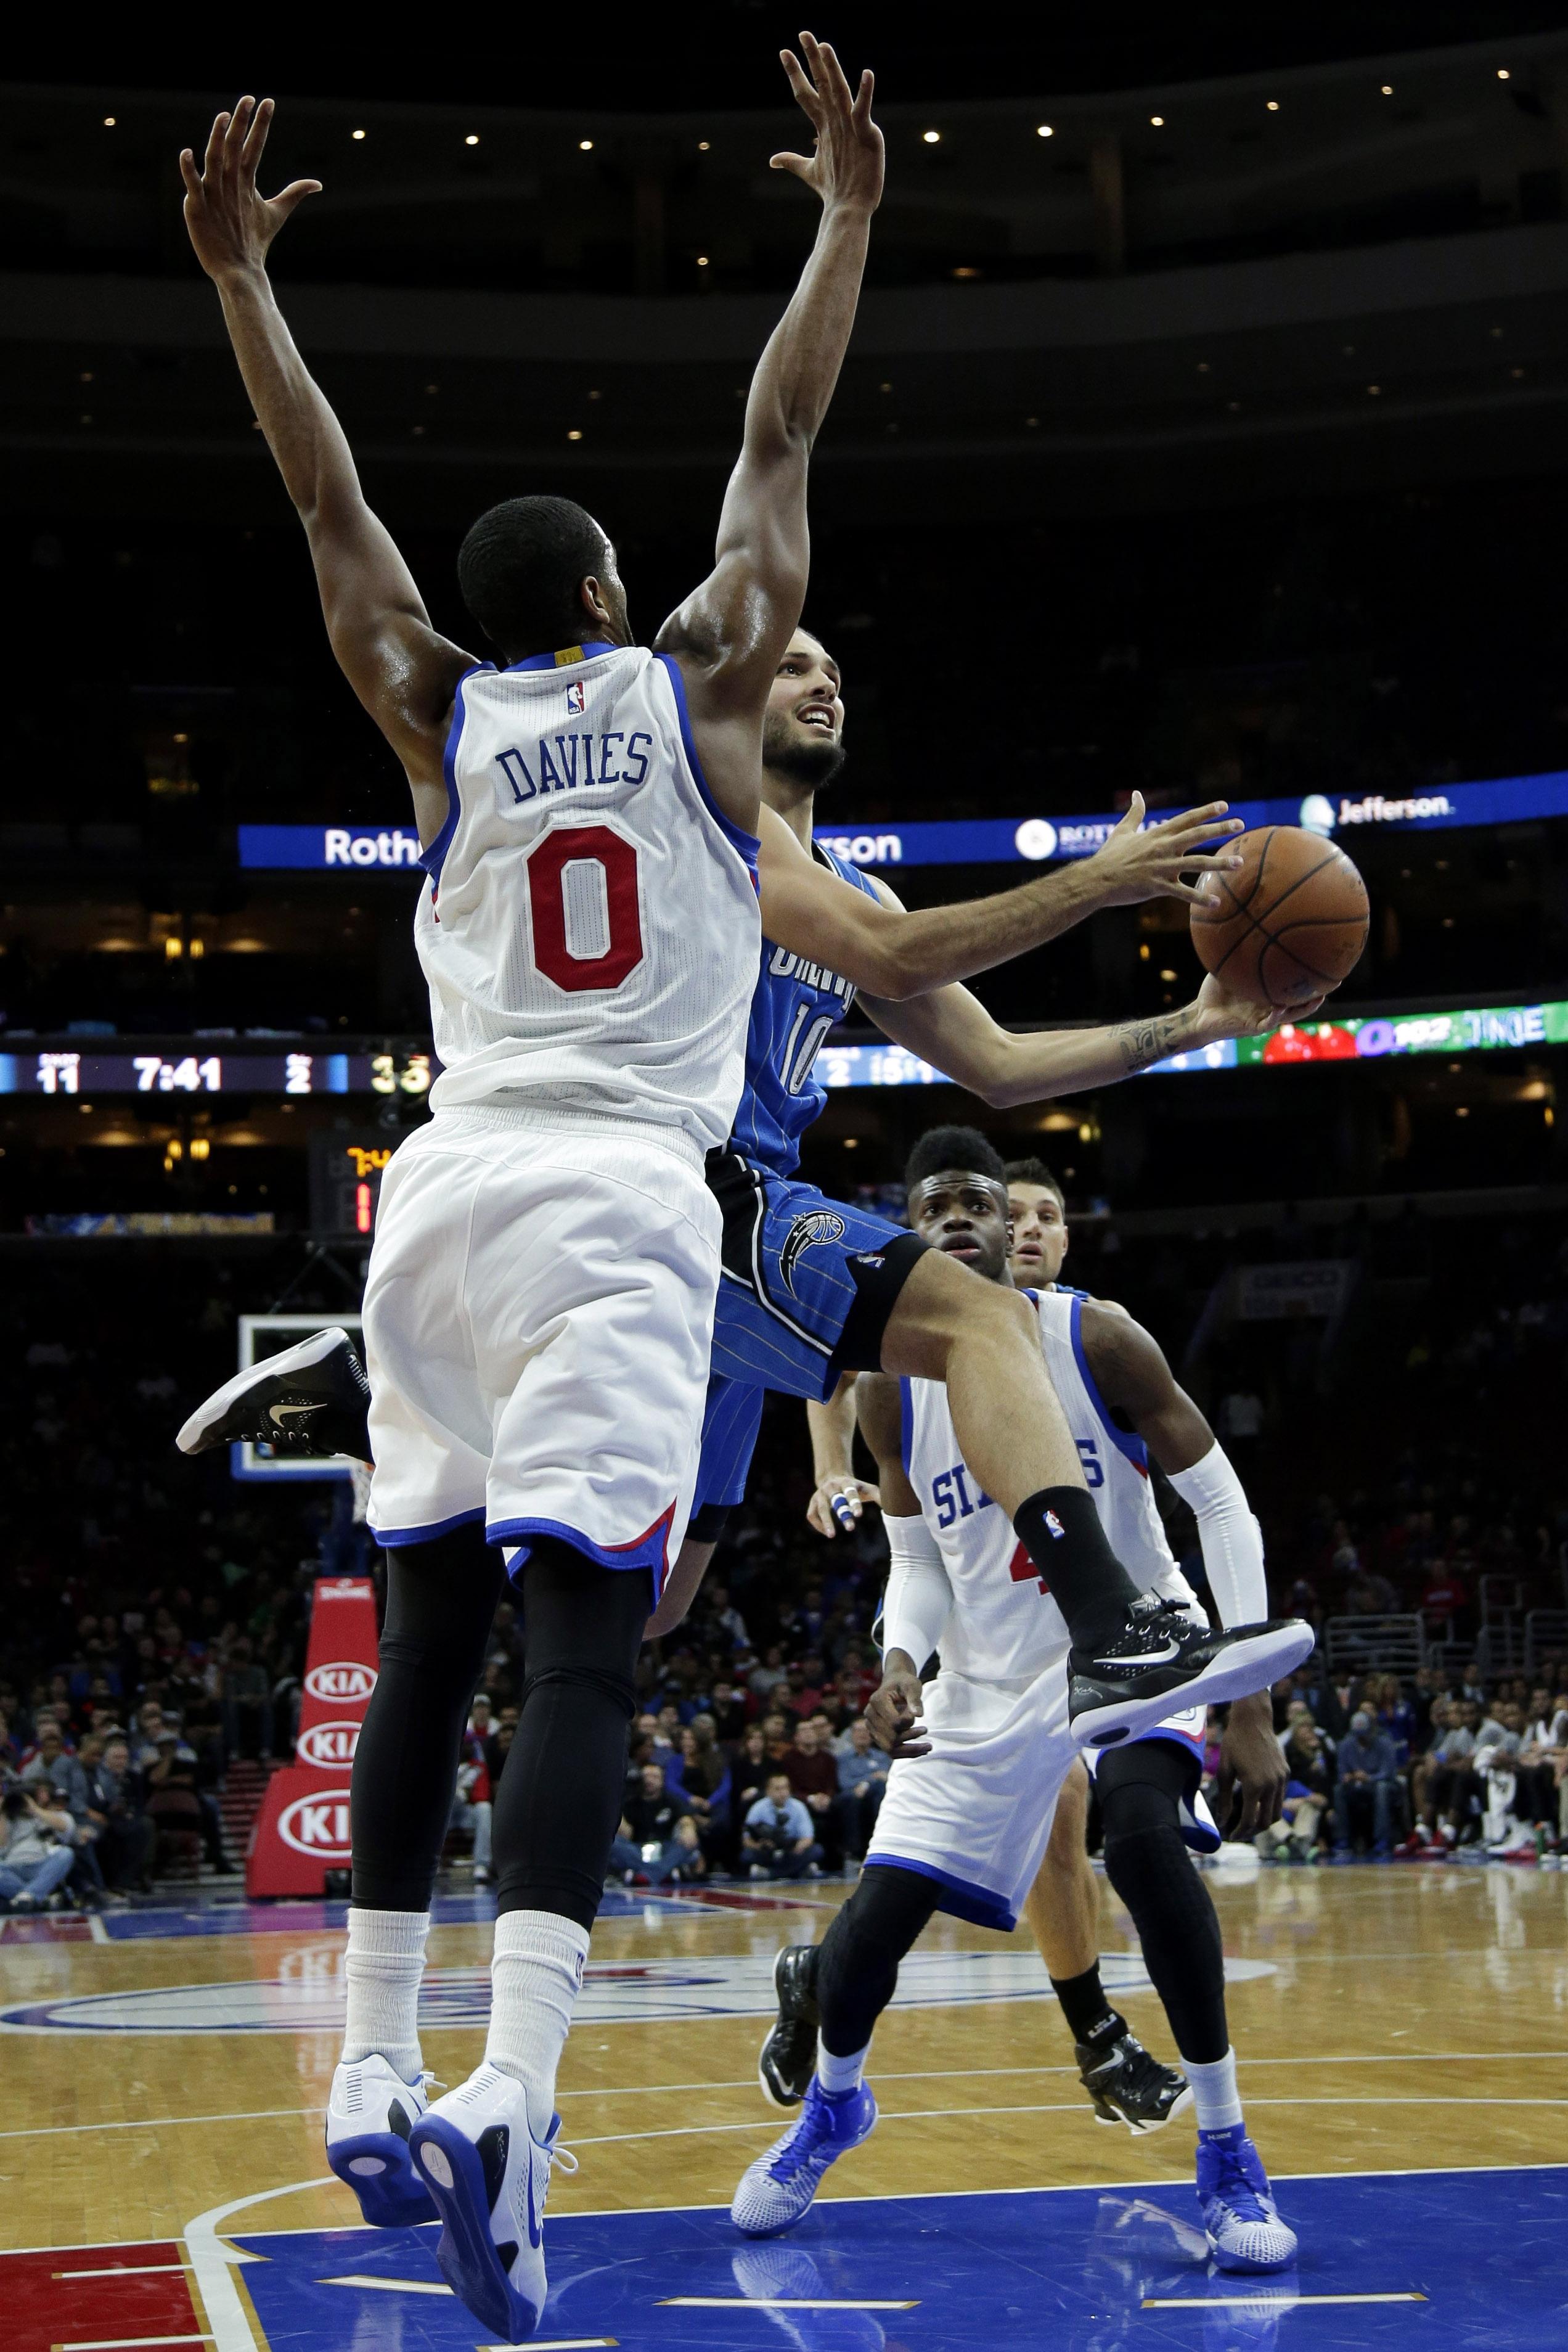 Brandon Davies defends the hoop in a recent Philadelphia 76ers game. (AP Photo/Matt Slocum)